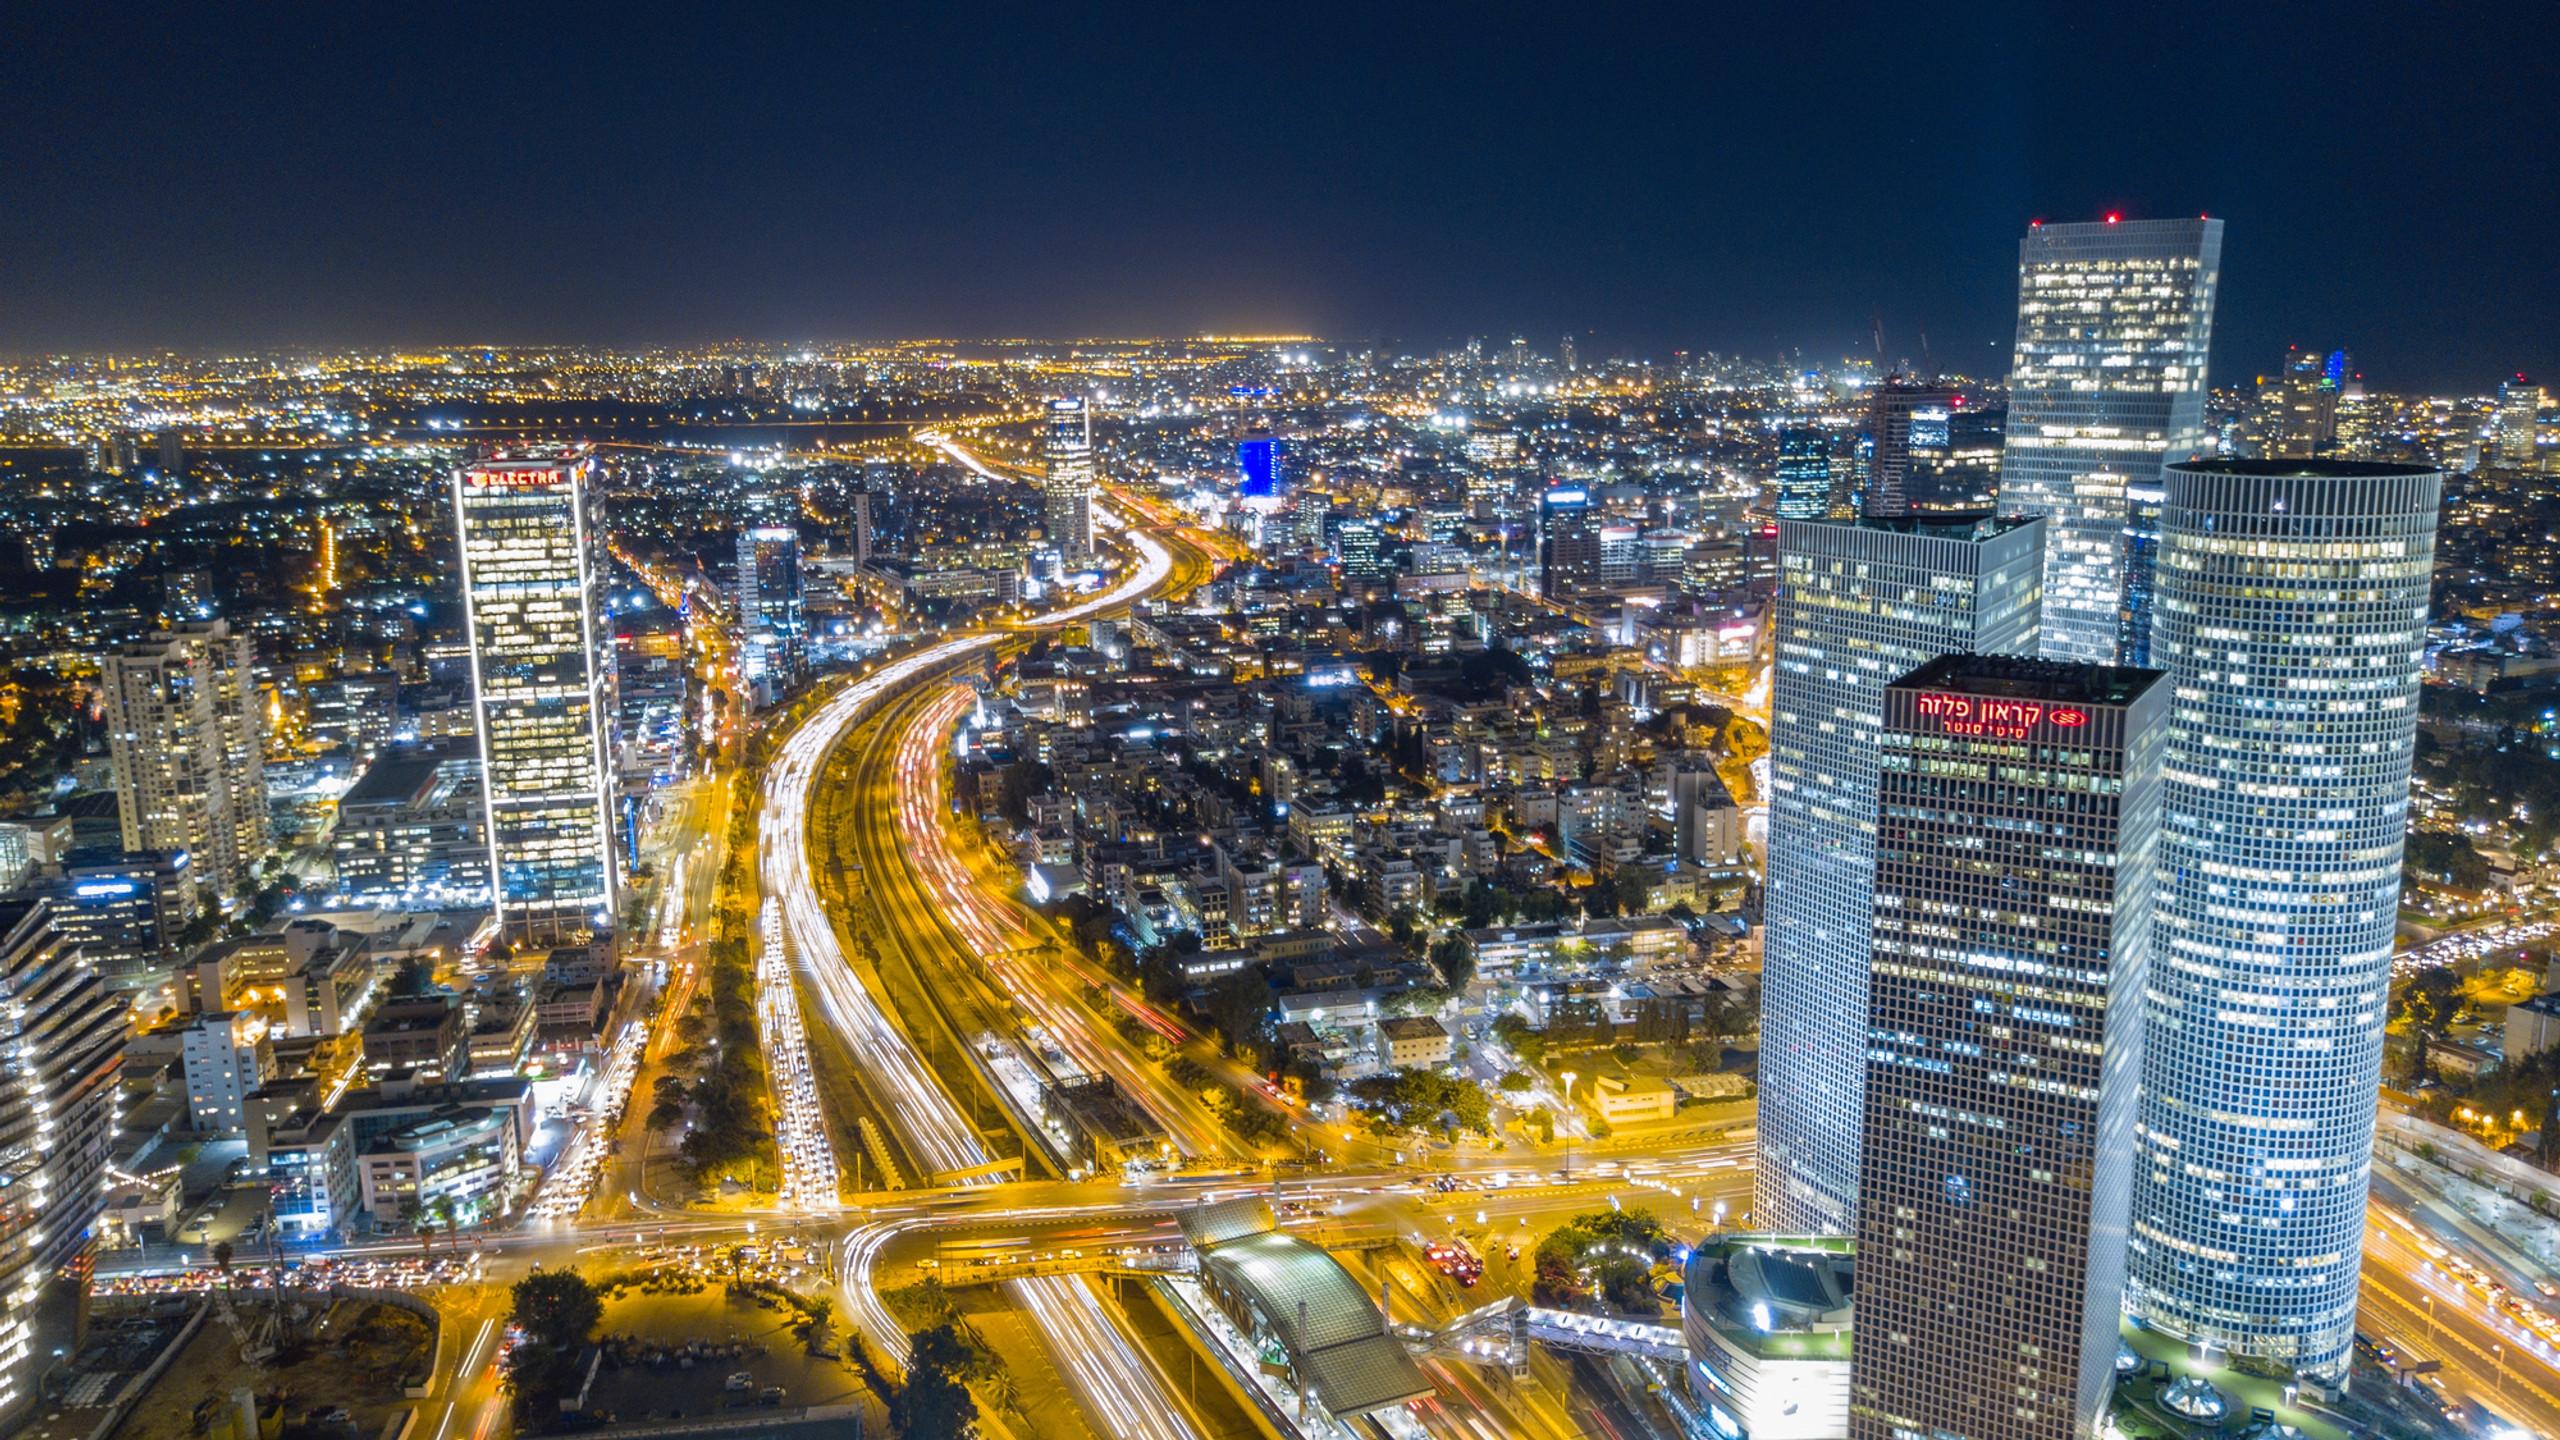 Ayalon road in Tel Aviv